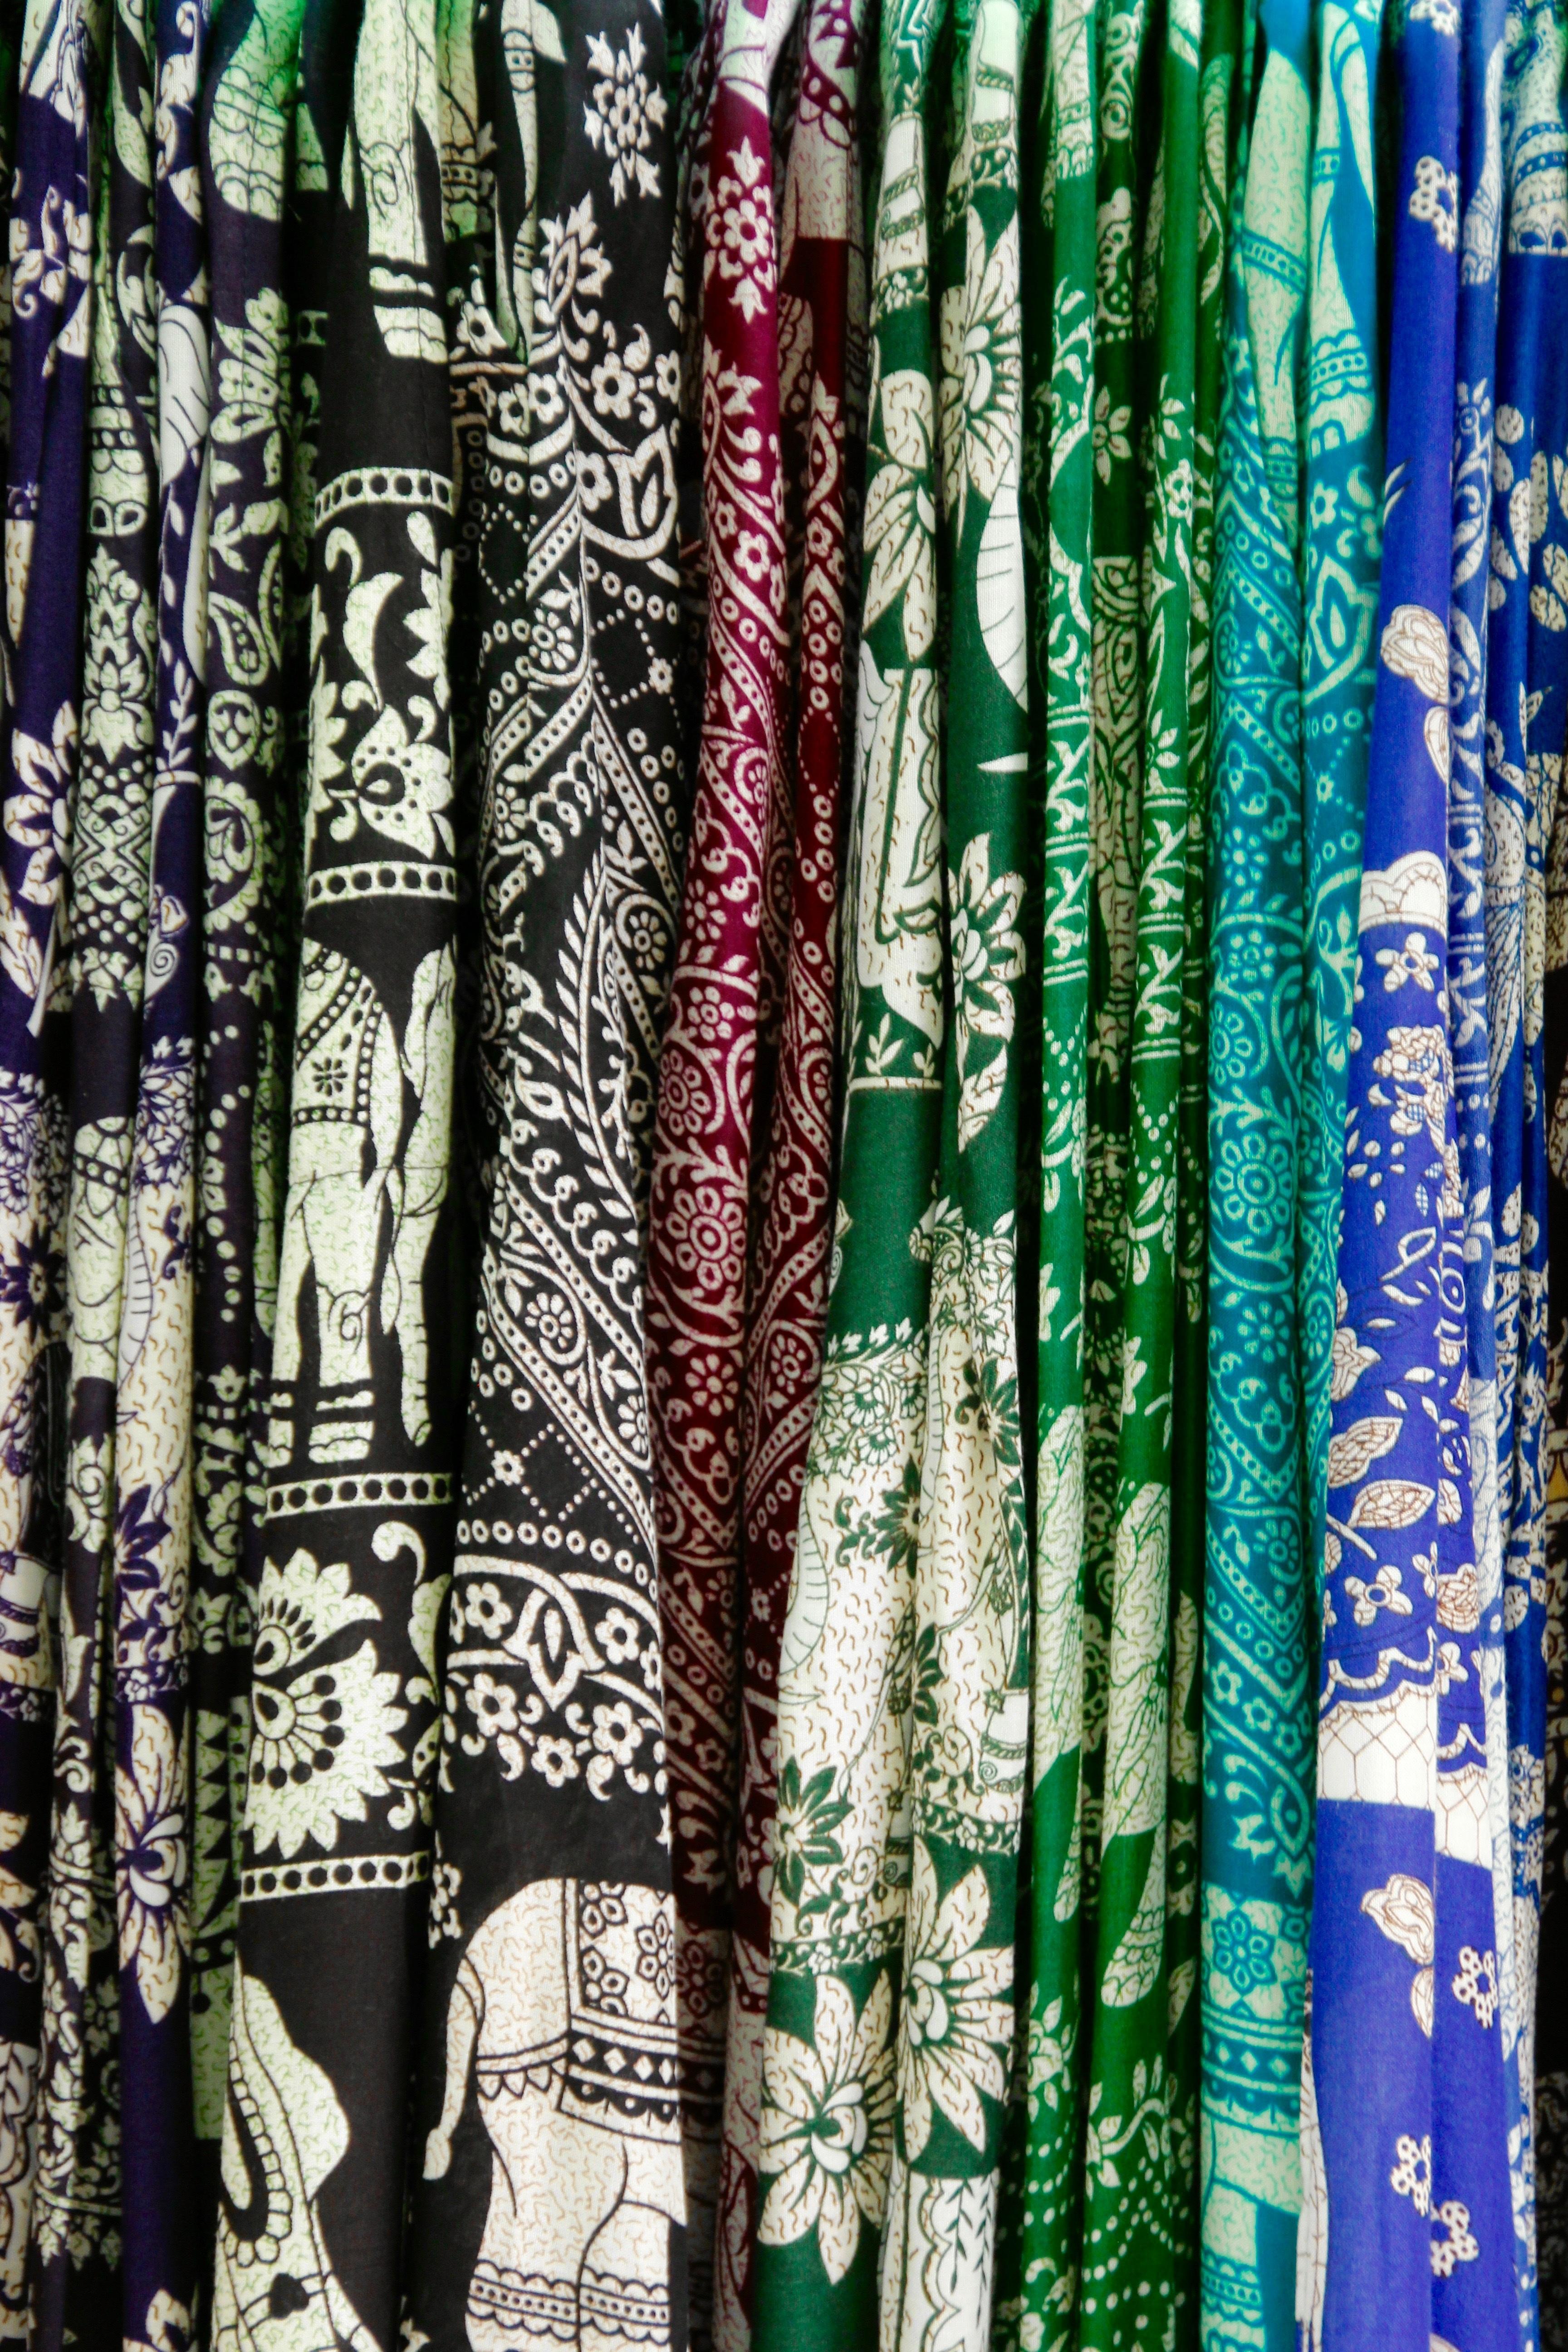 Gratis Afbeeldingen : boom, patroon, de lente, groen, kleur, gordijn ...